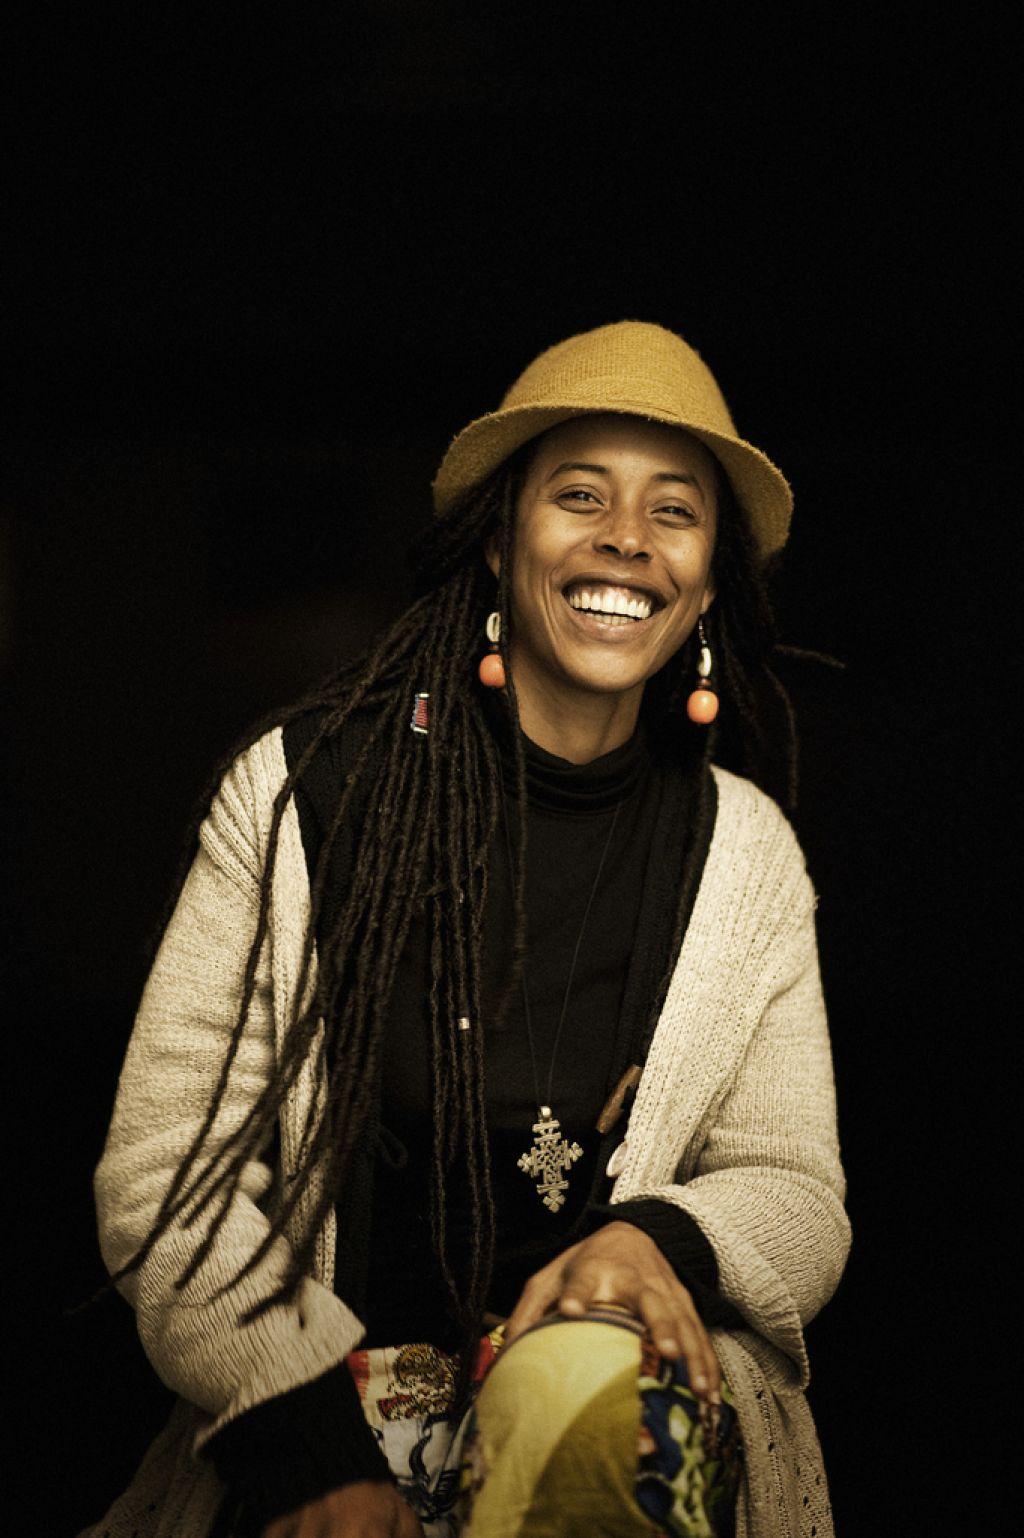 Vnukinja Boba Marleyja: Vsi smo zlomljeni ljudje na svoji poti